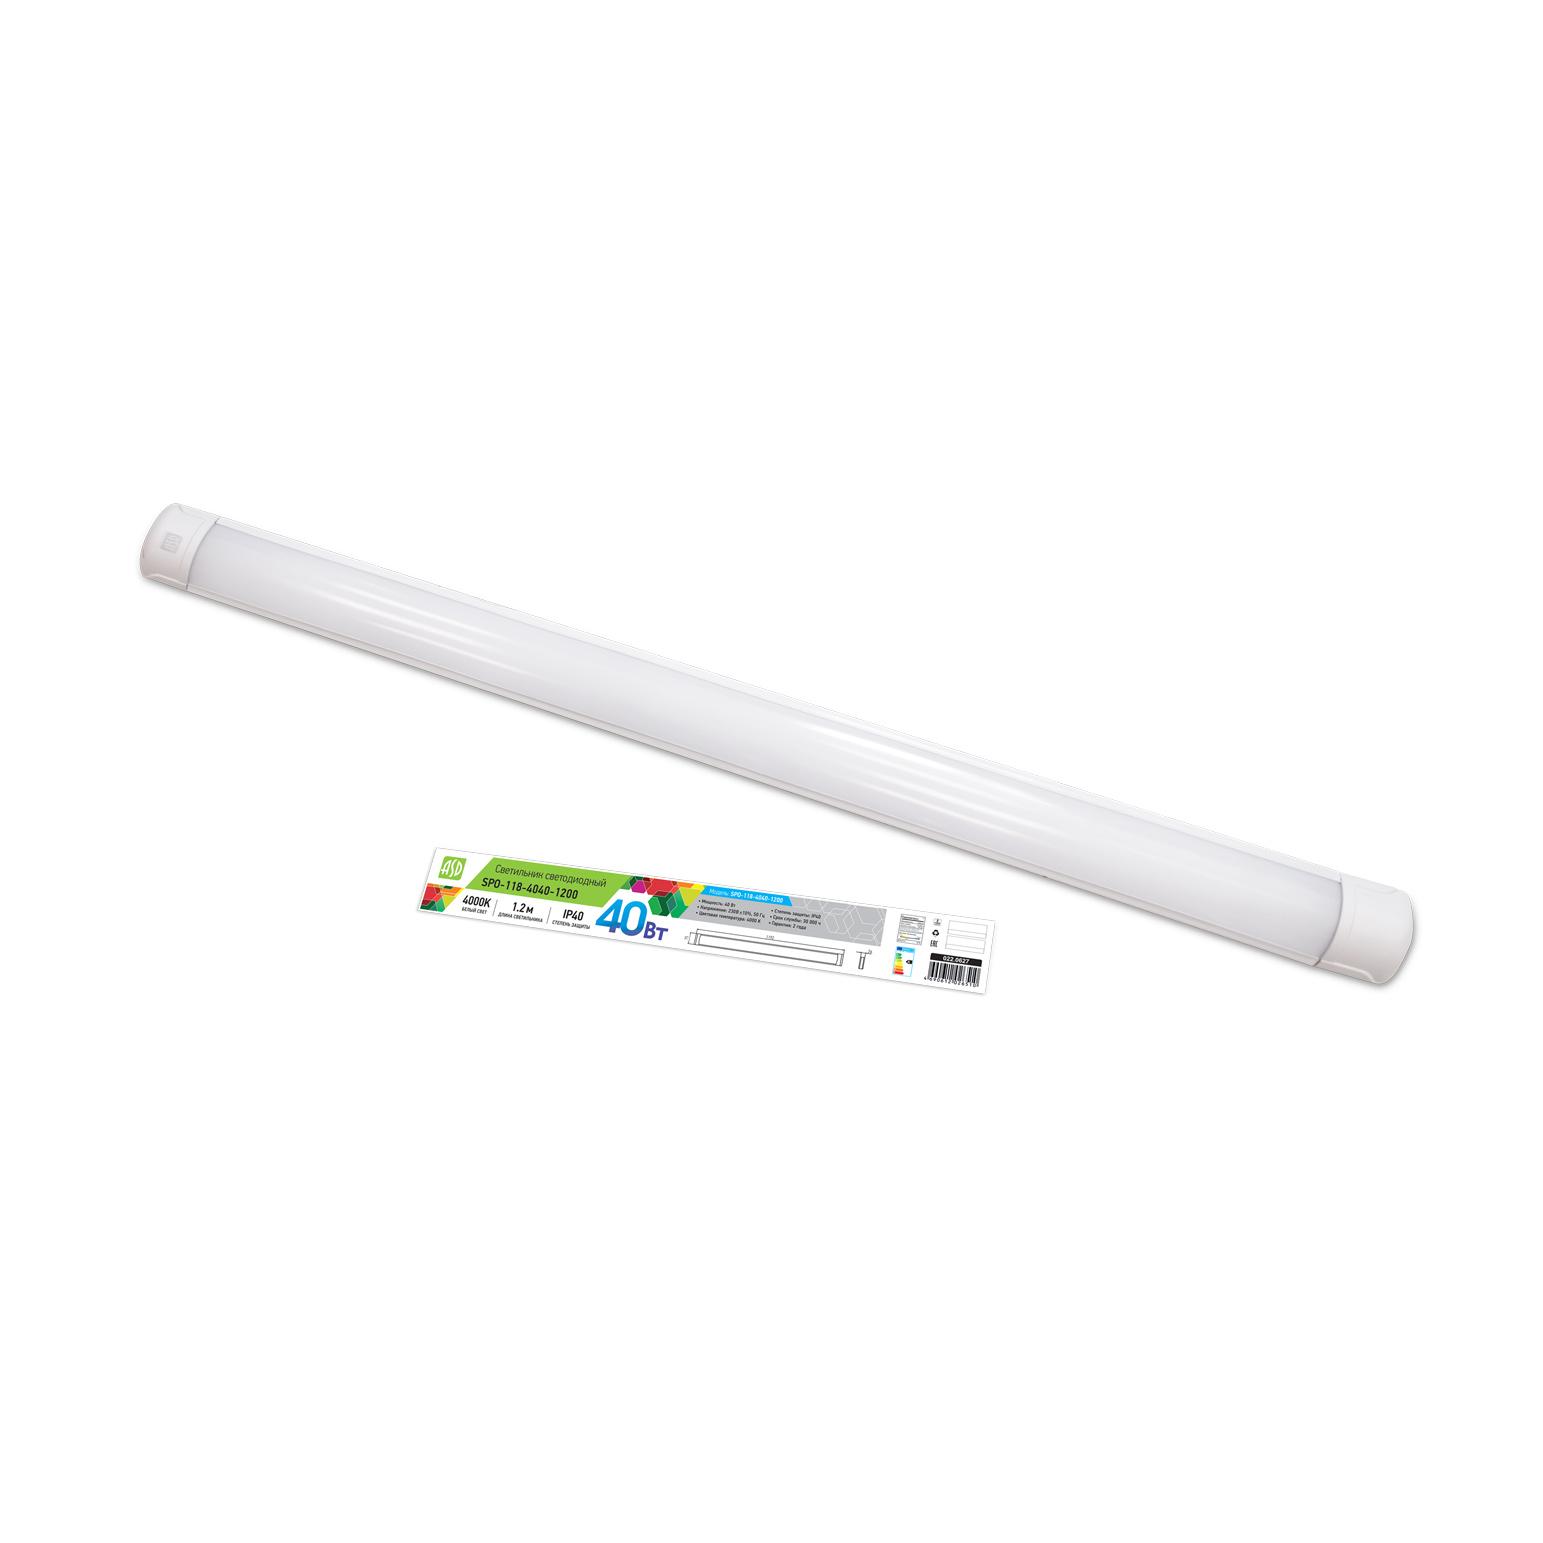 Светильник светодиодный SPO-118-4040-1200 40Вт 230В 4000К 2900Лм 1200мм IP40 ASD